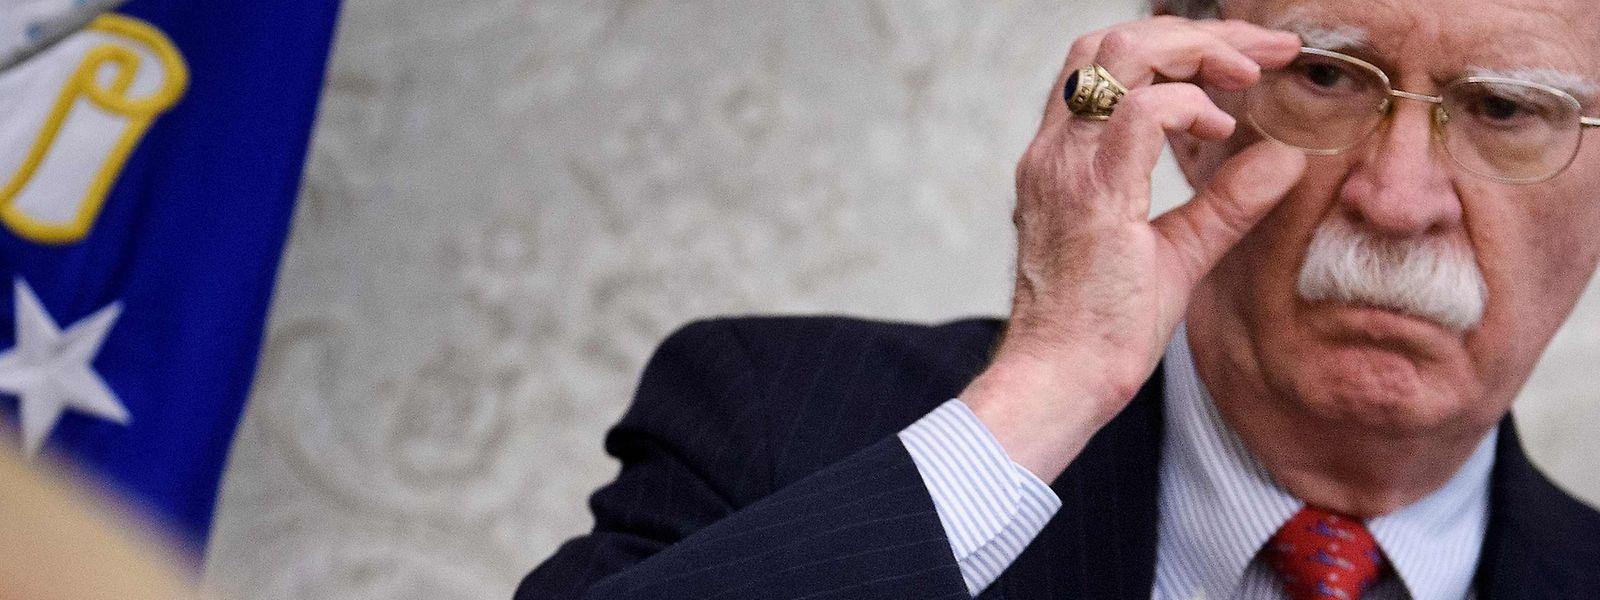 Bolton soll seinen Rücktritt am Morgen eingereicht haben.